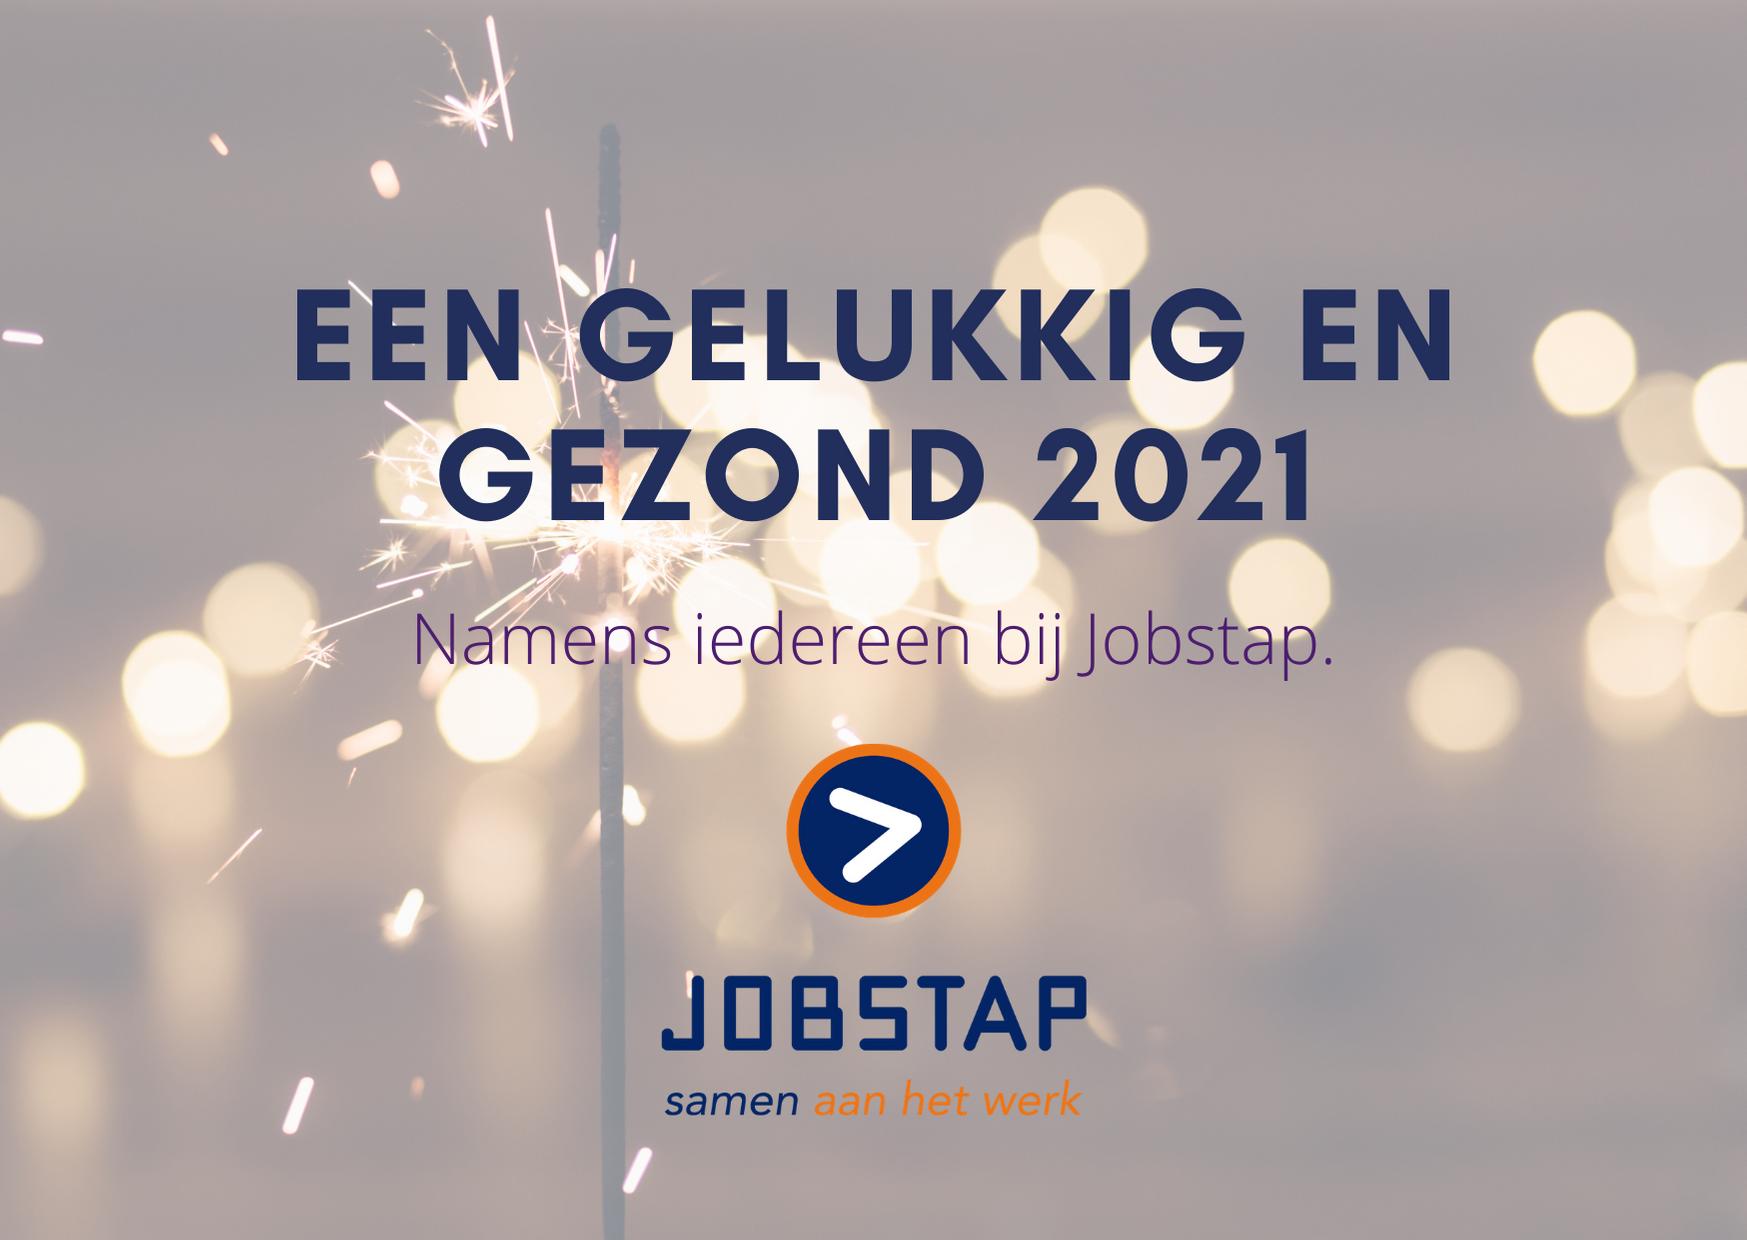 Namens iedereen bij Jobstap: een gelukkig en gezond 2021